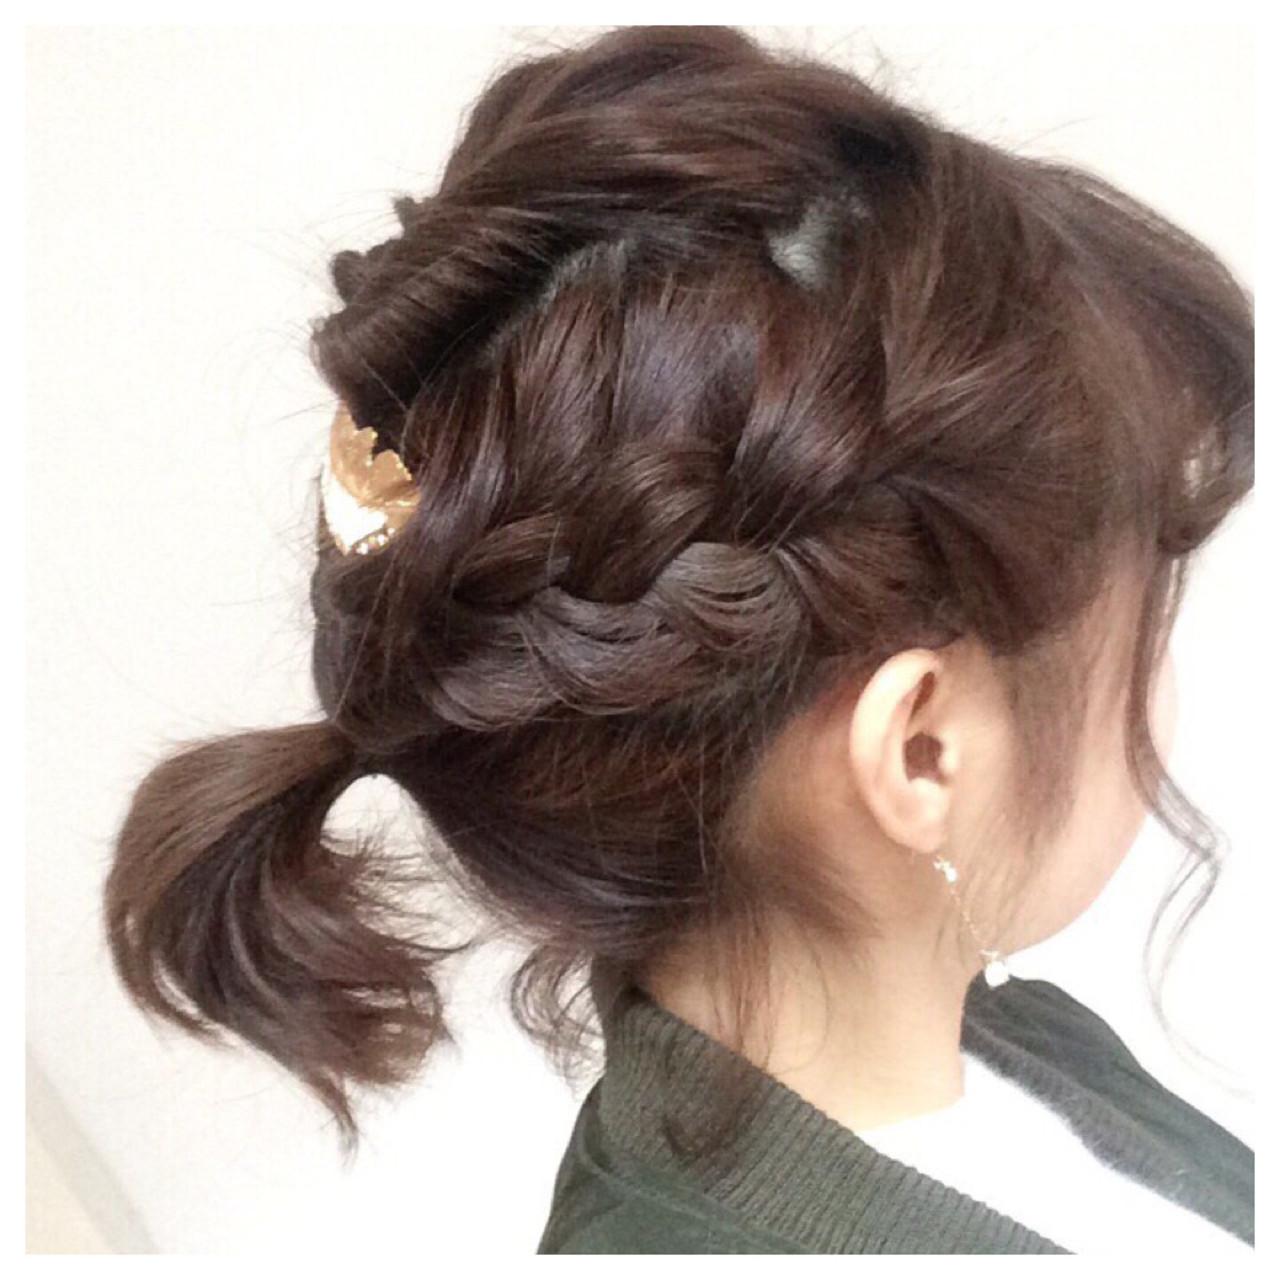 [詳しい方法付き]毎日をオシャレに飾りたい!誰でもできる簡単ヘアアレンジ特集 出典:実咲